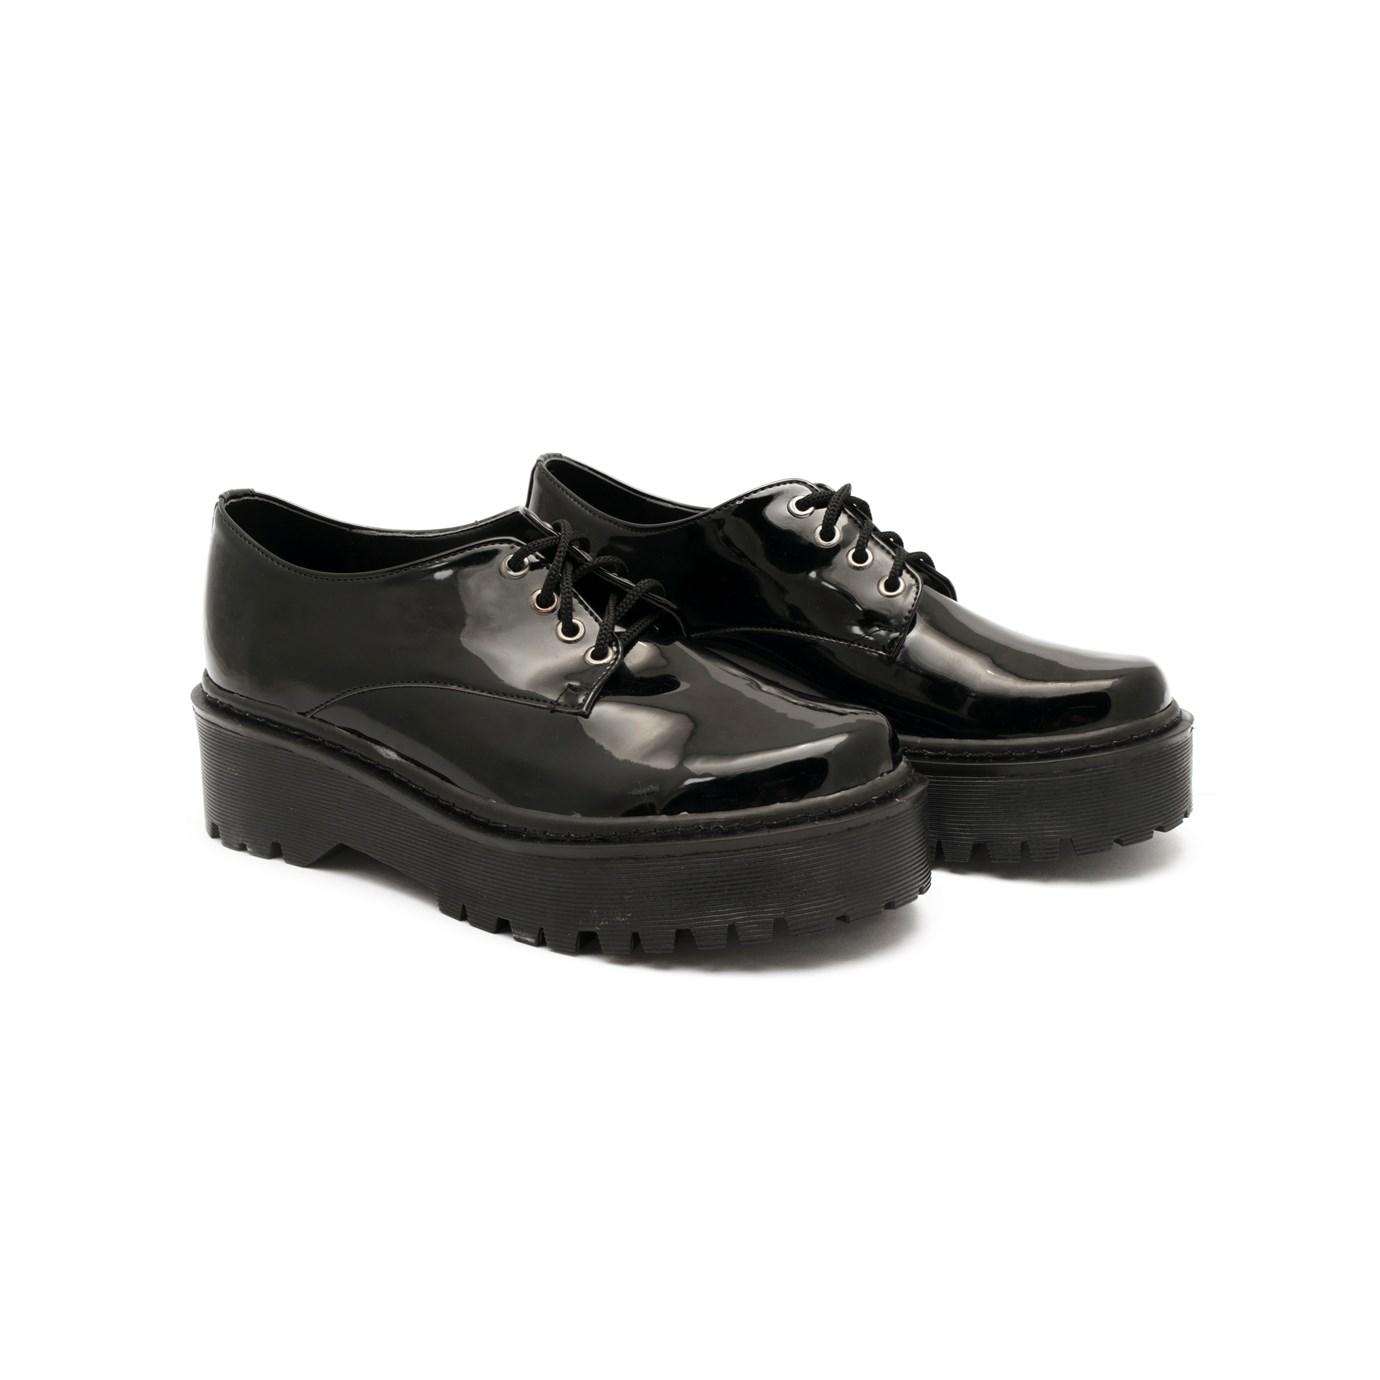 diseño de calidad 3141c 031d9 Zapato Moda Mujer 2019 Segovia